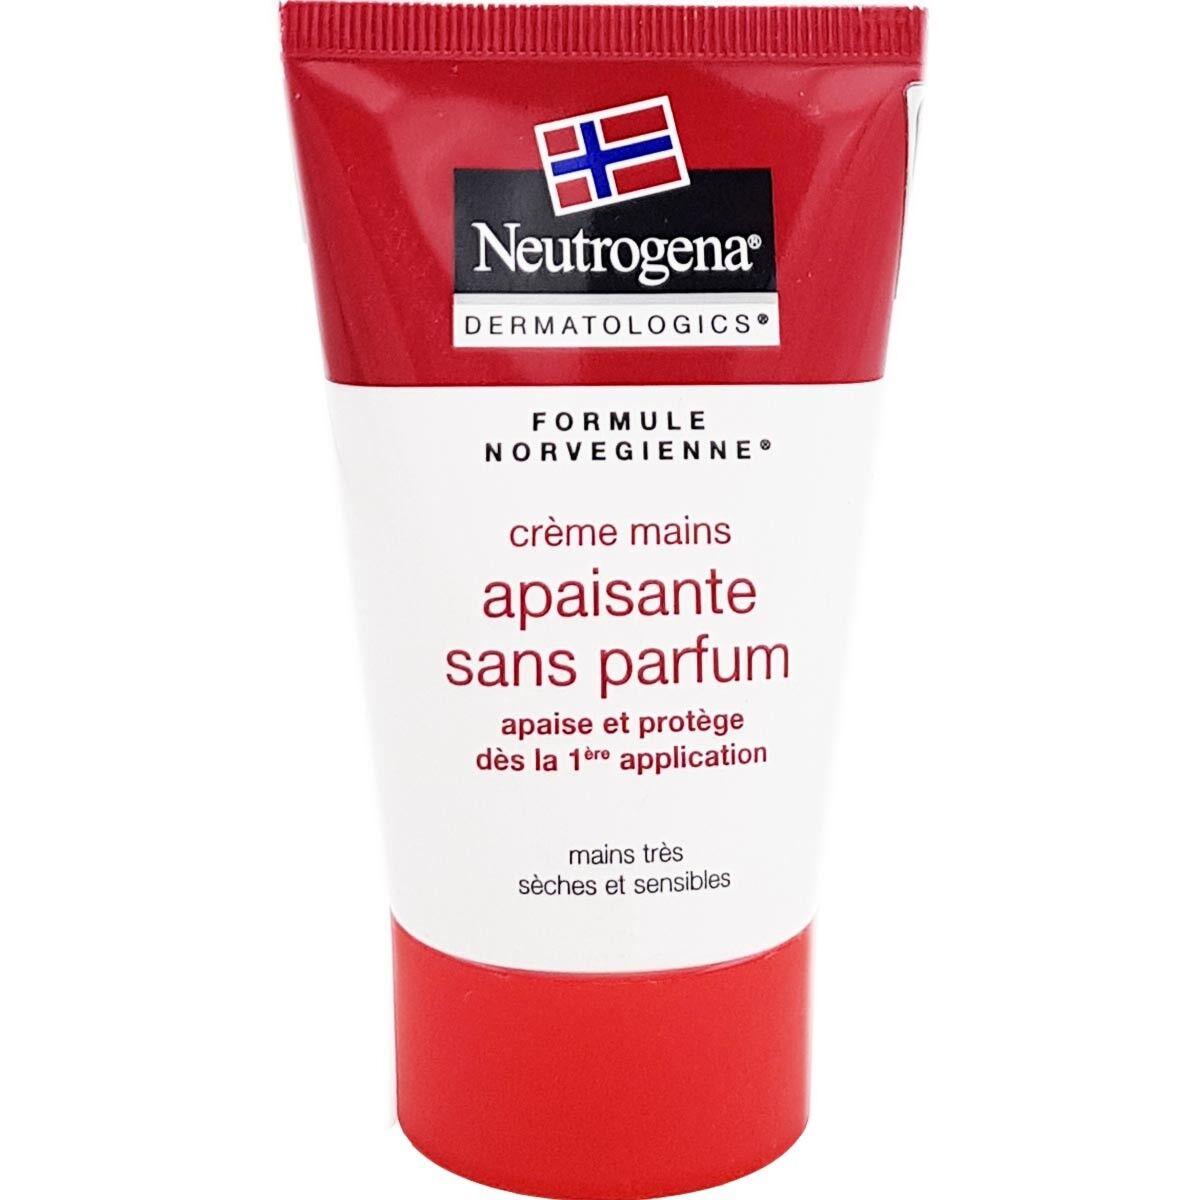 Neutrogena creme mains apaisante sans parfum 50ml